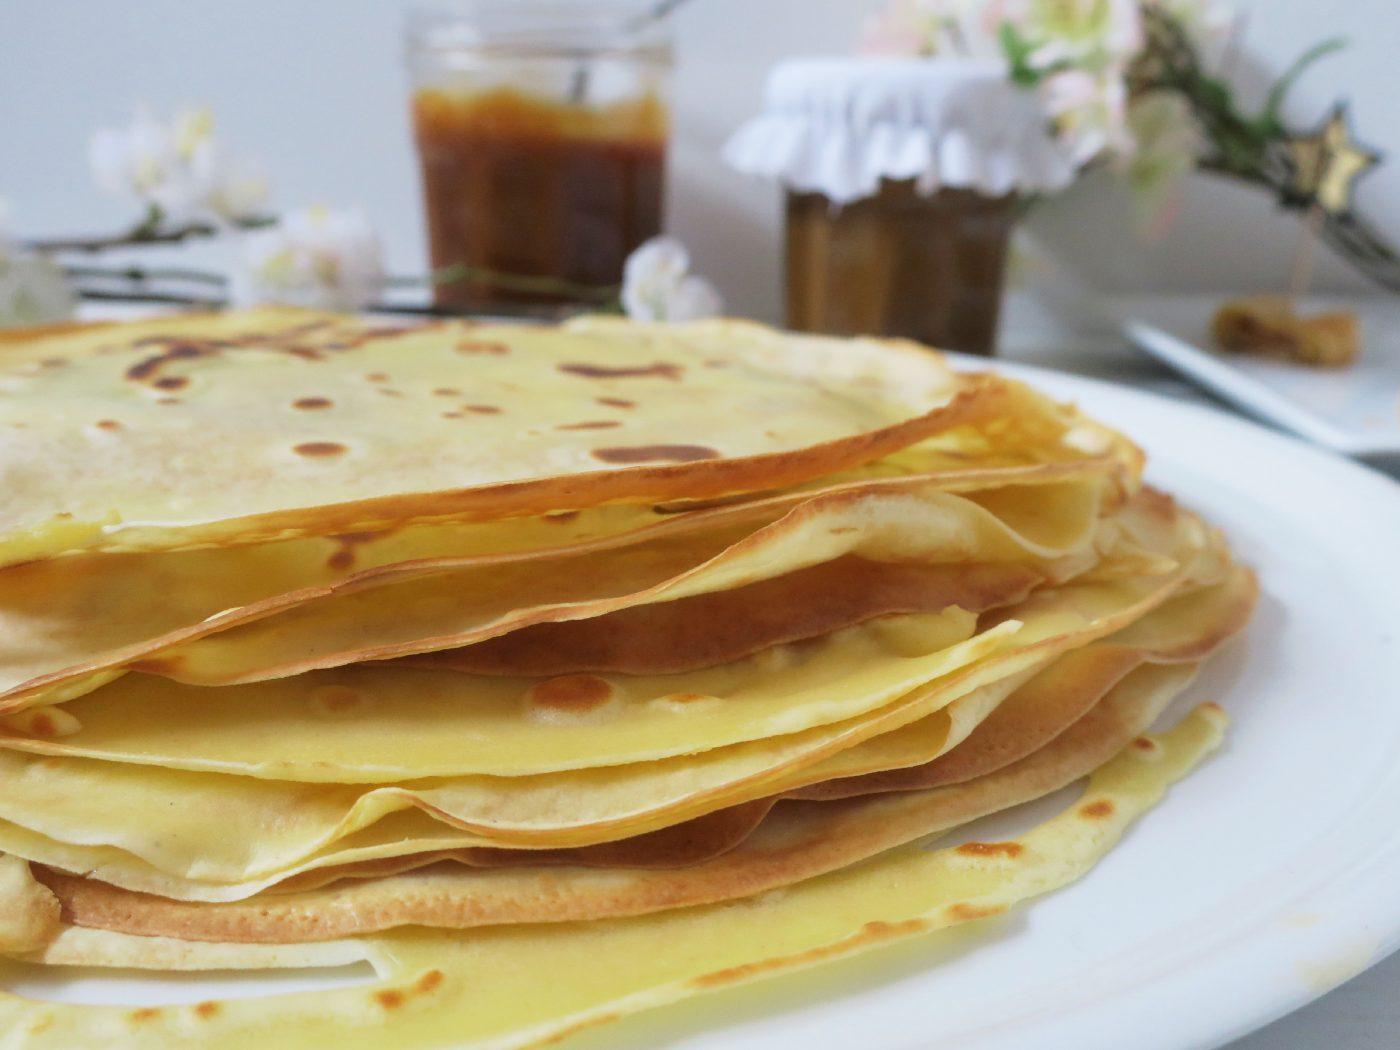 Mes recettes de cr pes et caramel au beurre sal blog z dio - Laisser reposer pate a crepe ...